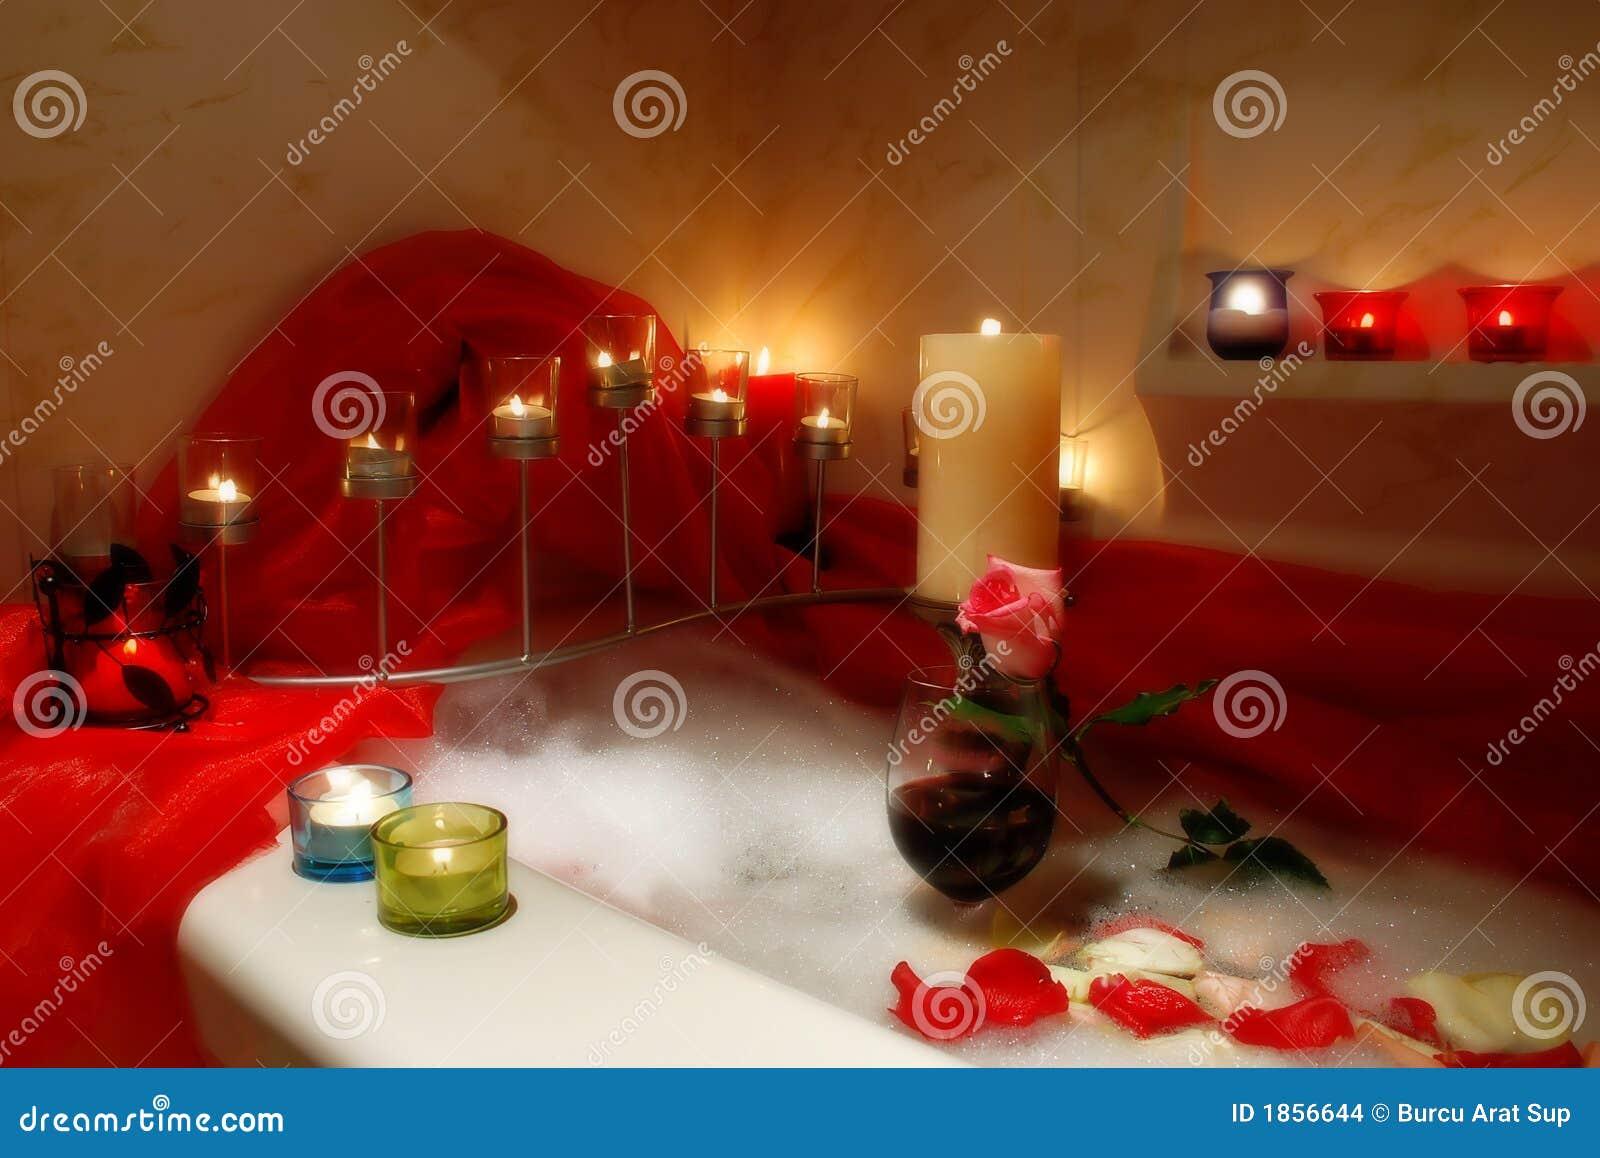 Bagno romantico immagini stock immagine 1856644 - Candele da bagno ...